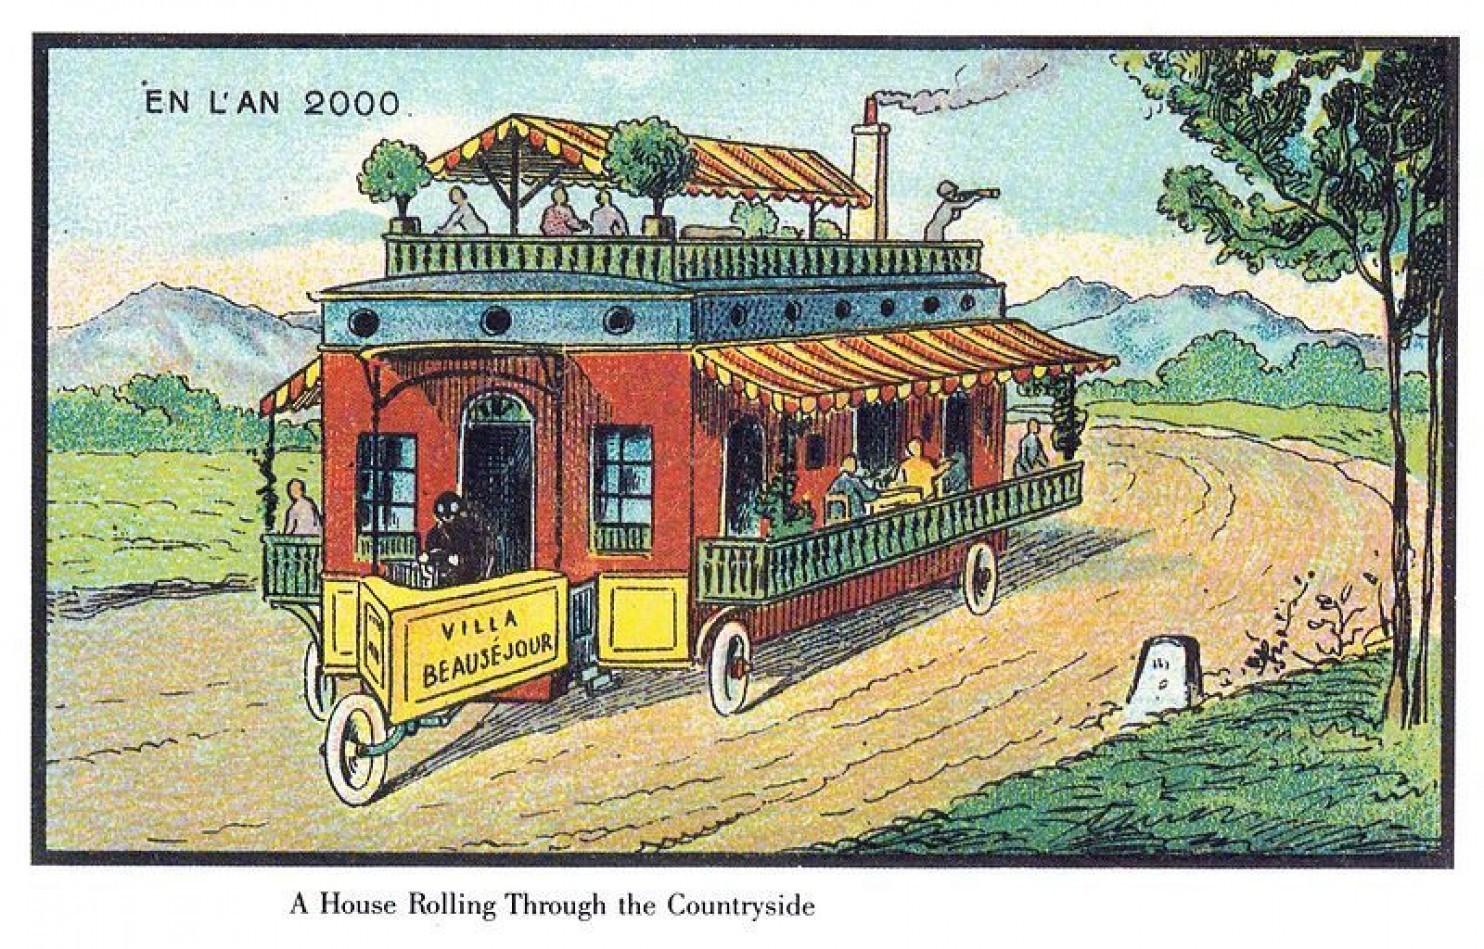 como imaginaban el futuro en 1900 ilustraciones 4